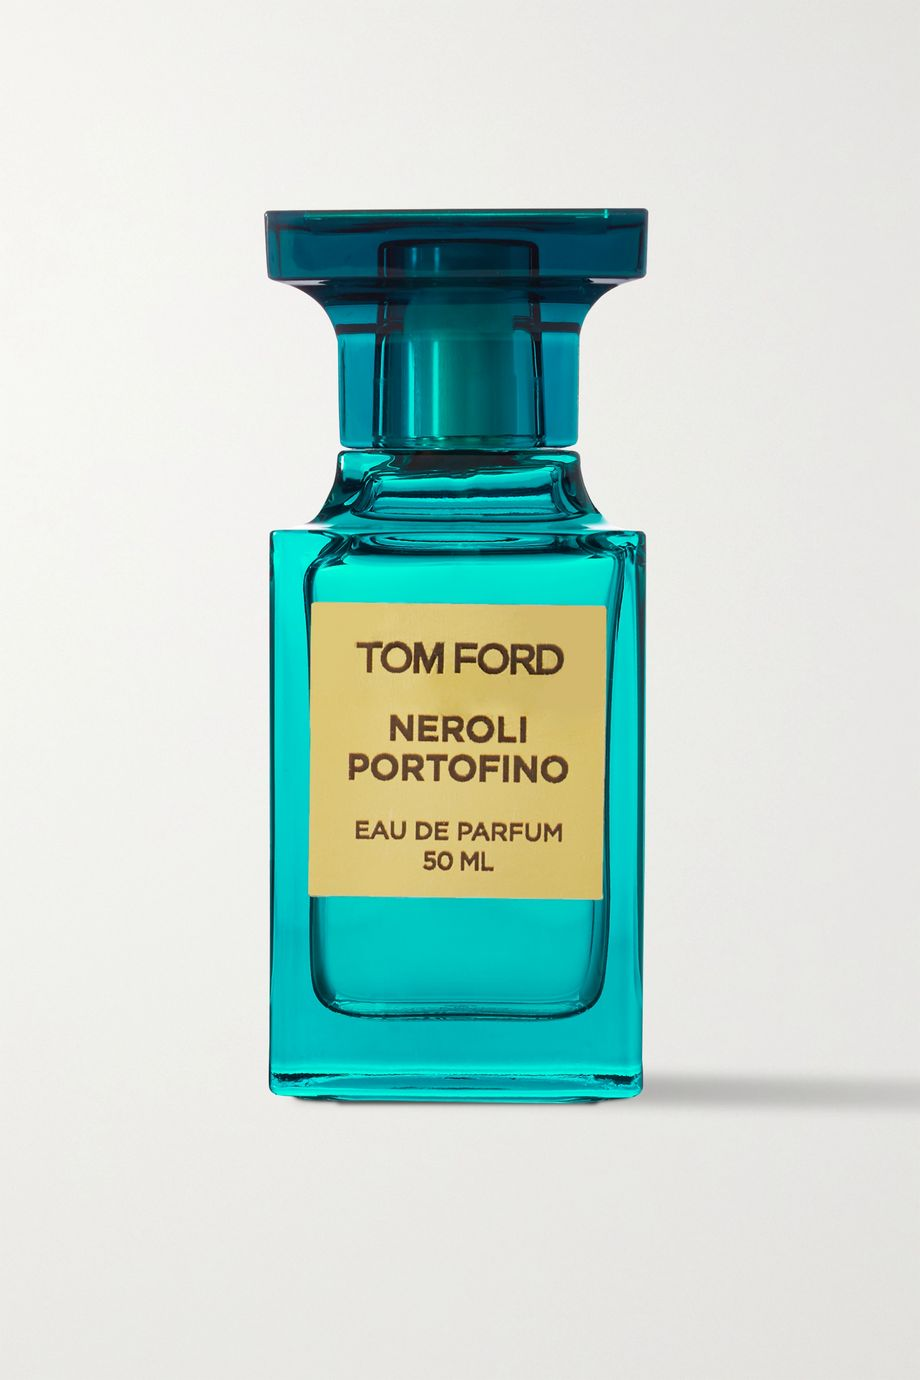 TOM FORD BEAUTY Neroli Portofino Eau de Parfum - Tunisian Neroli, Italian Bergamot & Sicilian Lemon, 50ml